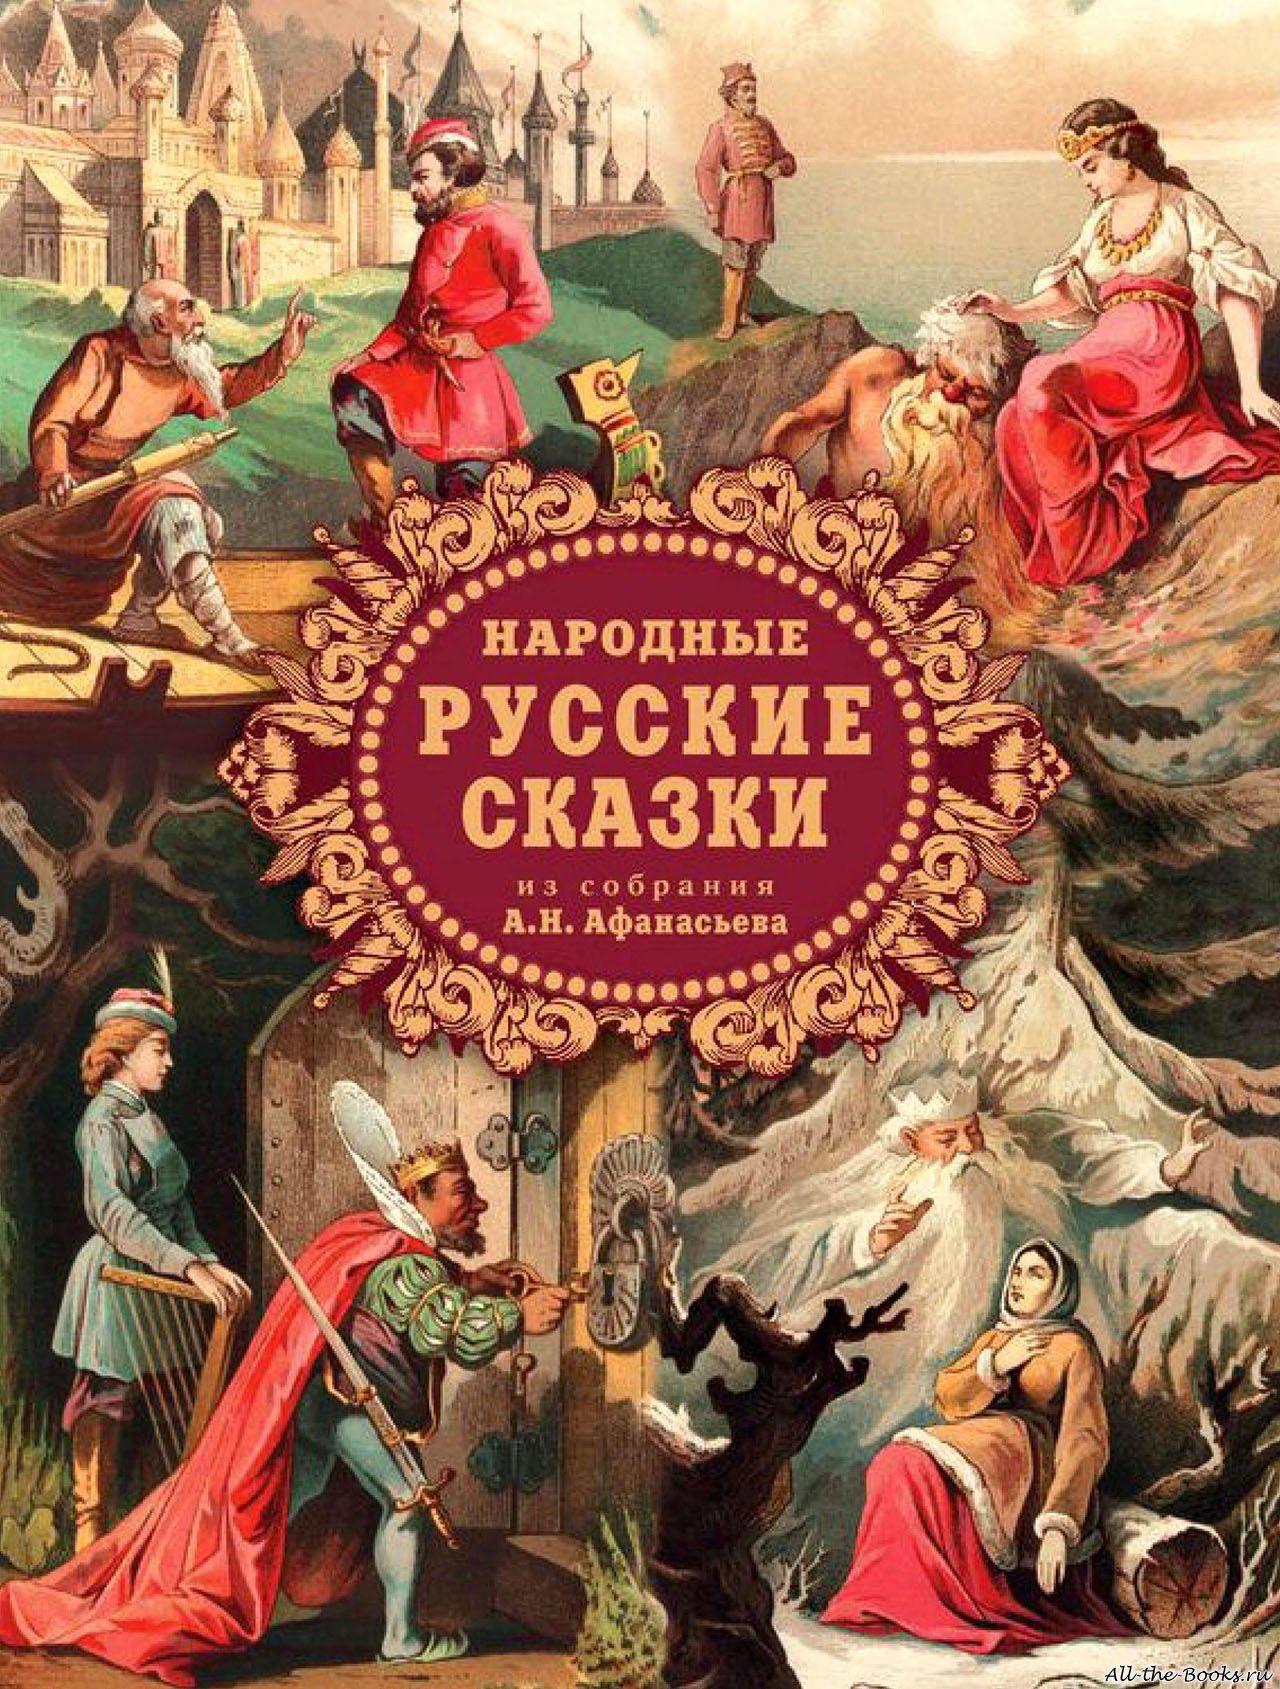 Сказки русские народные 28 фотография